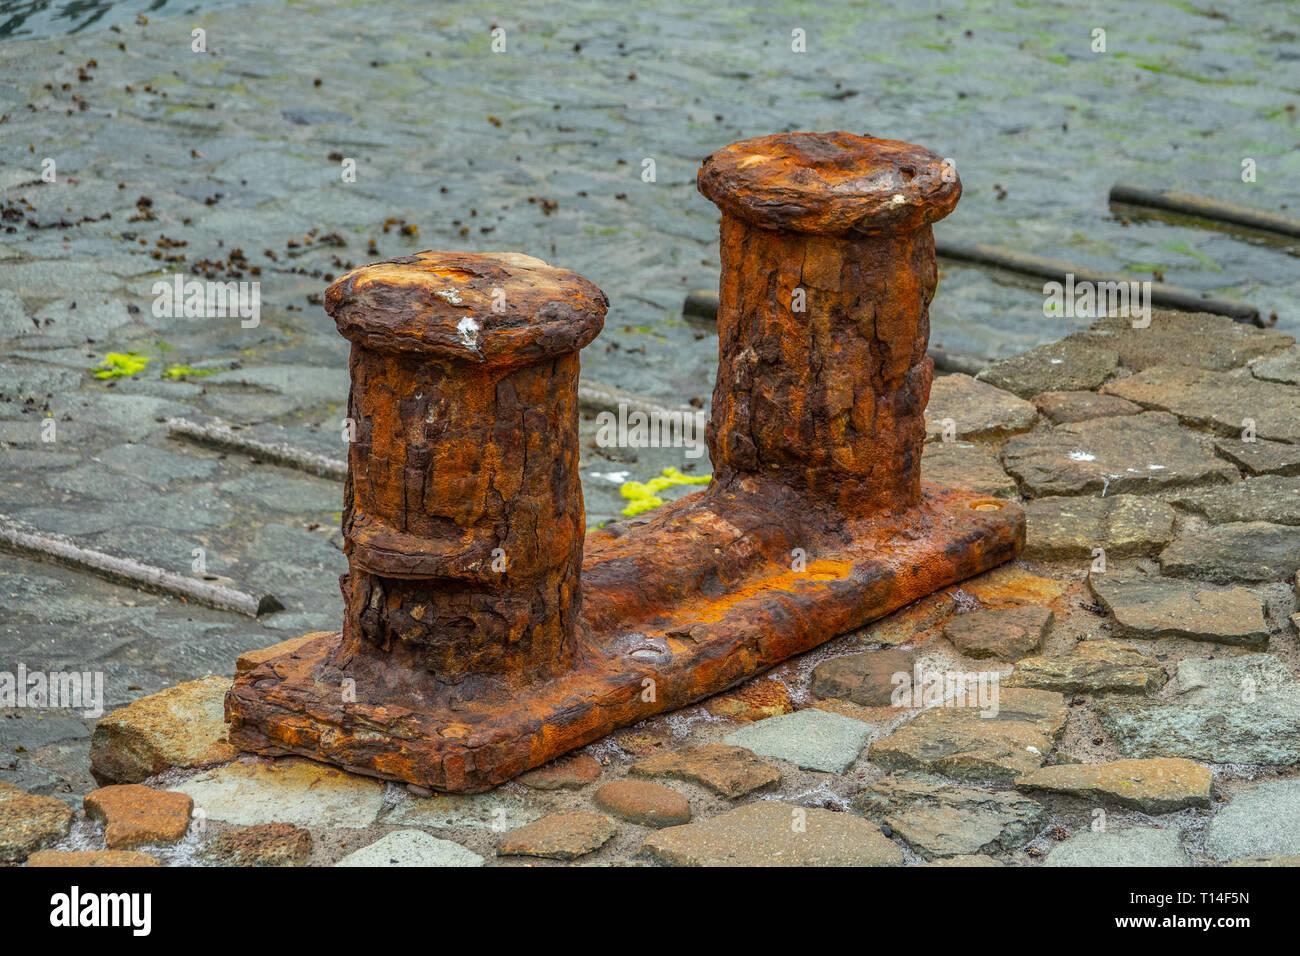 Rusty bollarnd antiguo en un amarre en Tenerife, Islas Canarias Foto de stock